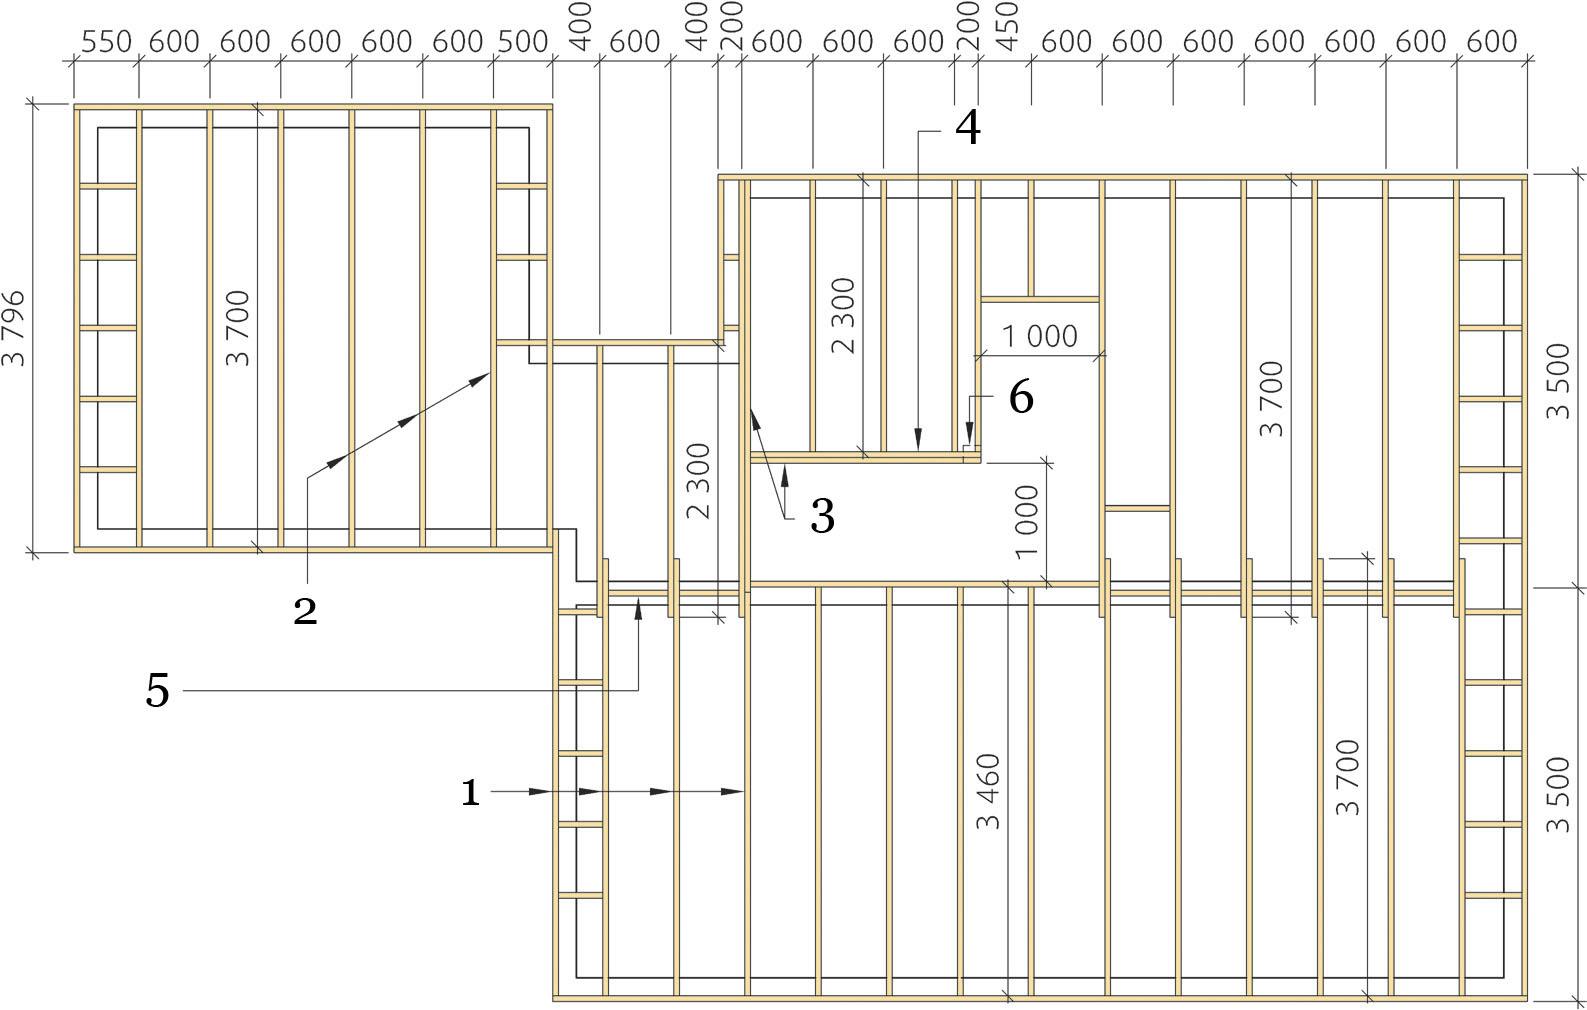 Деревянное каркасное перекрытие: план раскладки балок. (Вдоль фронтонных стен устанавливаются распорные бруски).